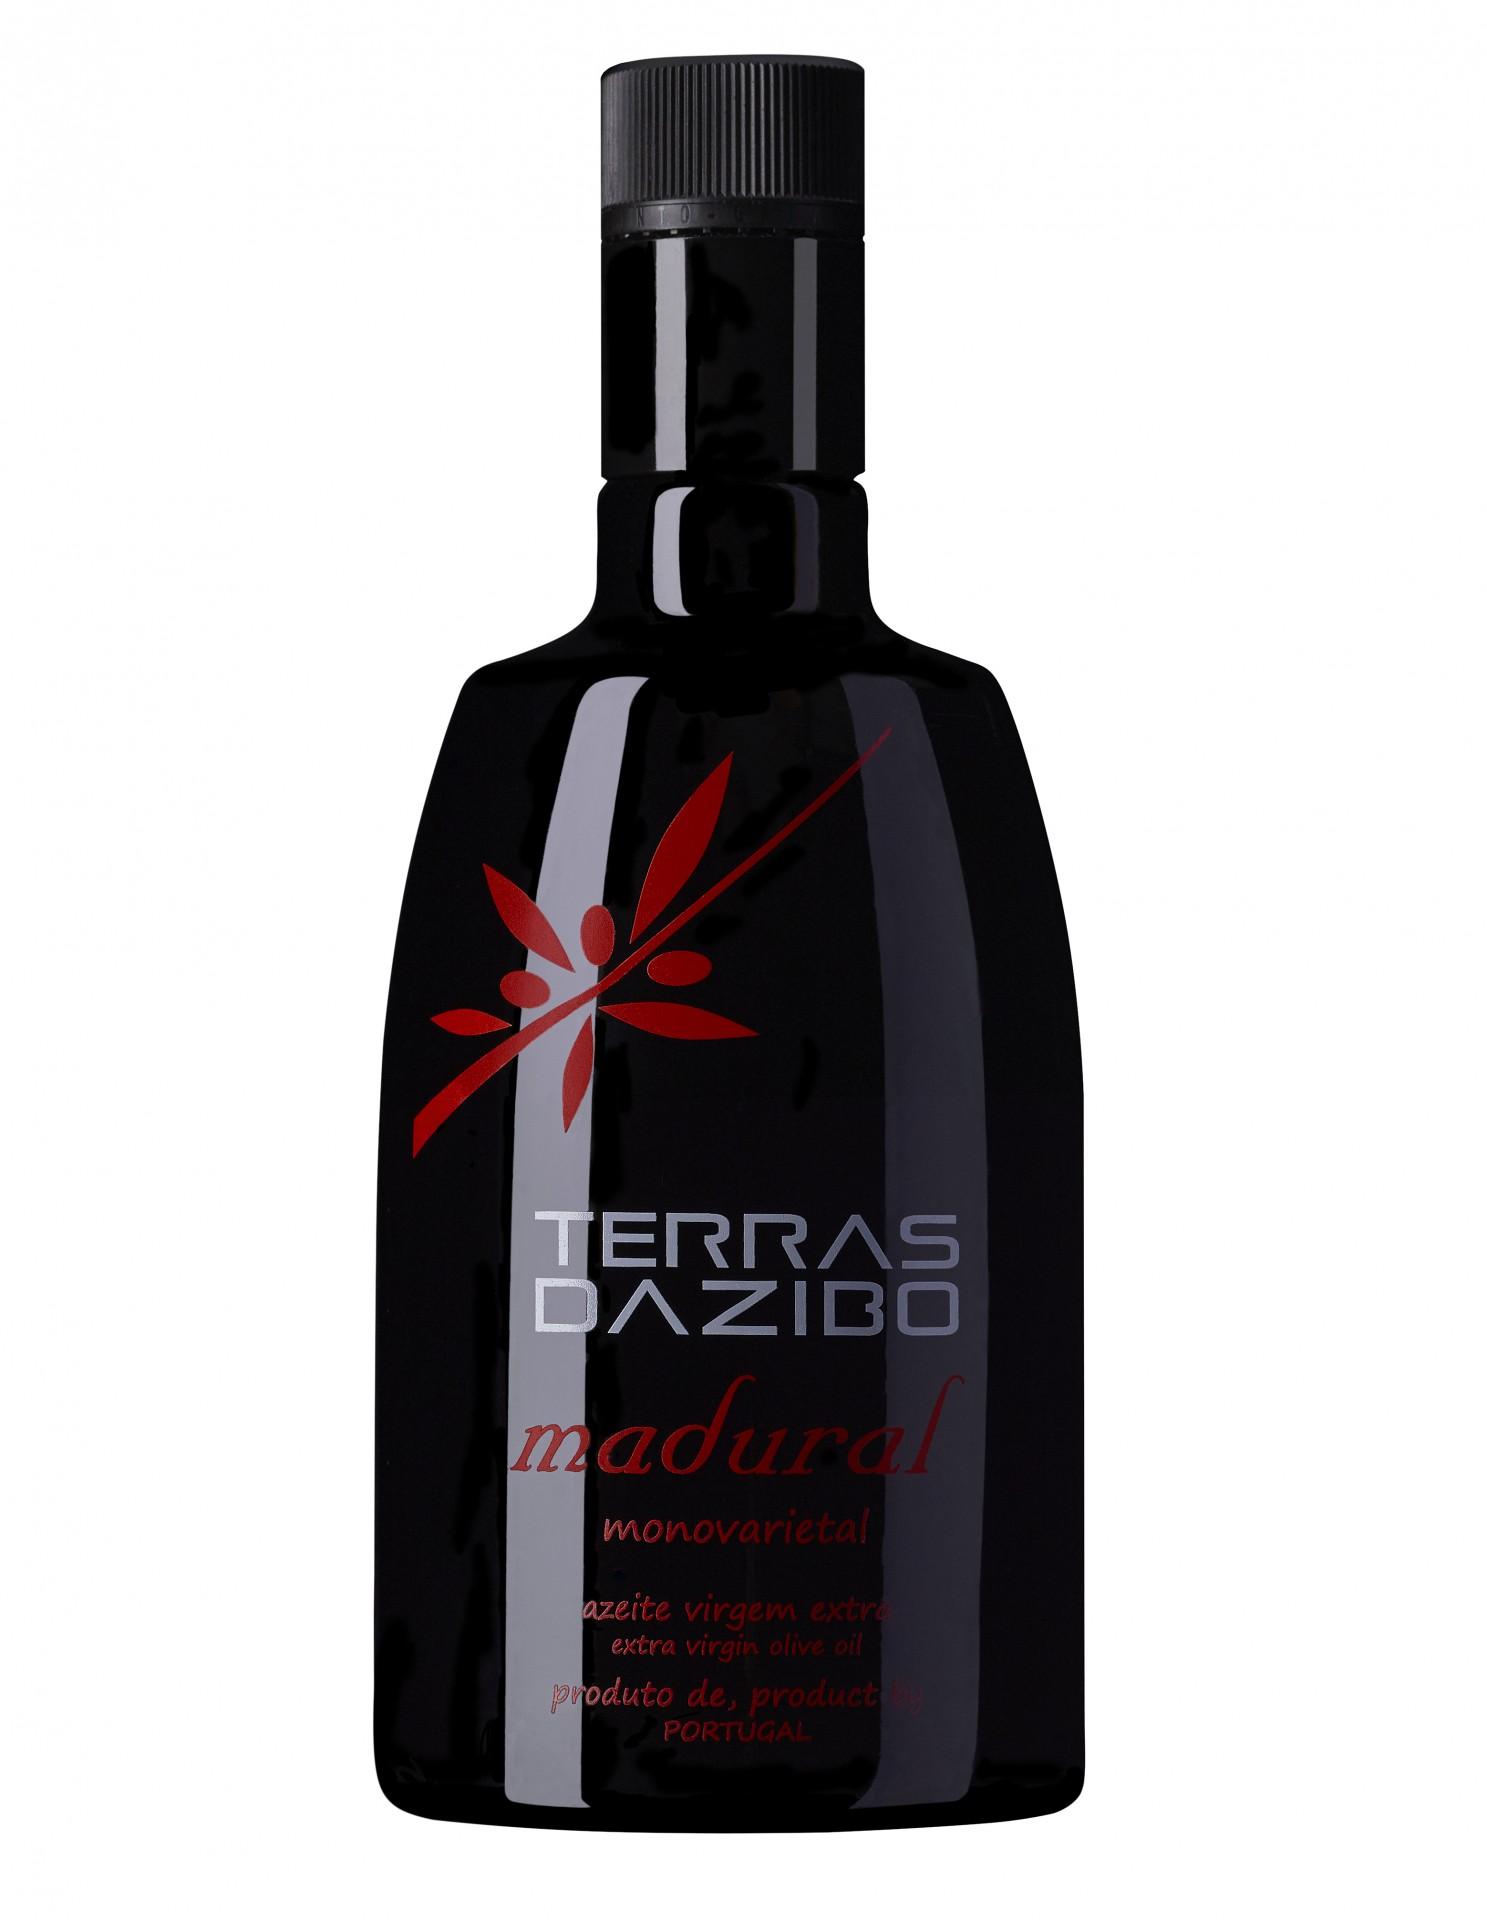 Azeite Terras Dazibo - MADURAL 500ml